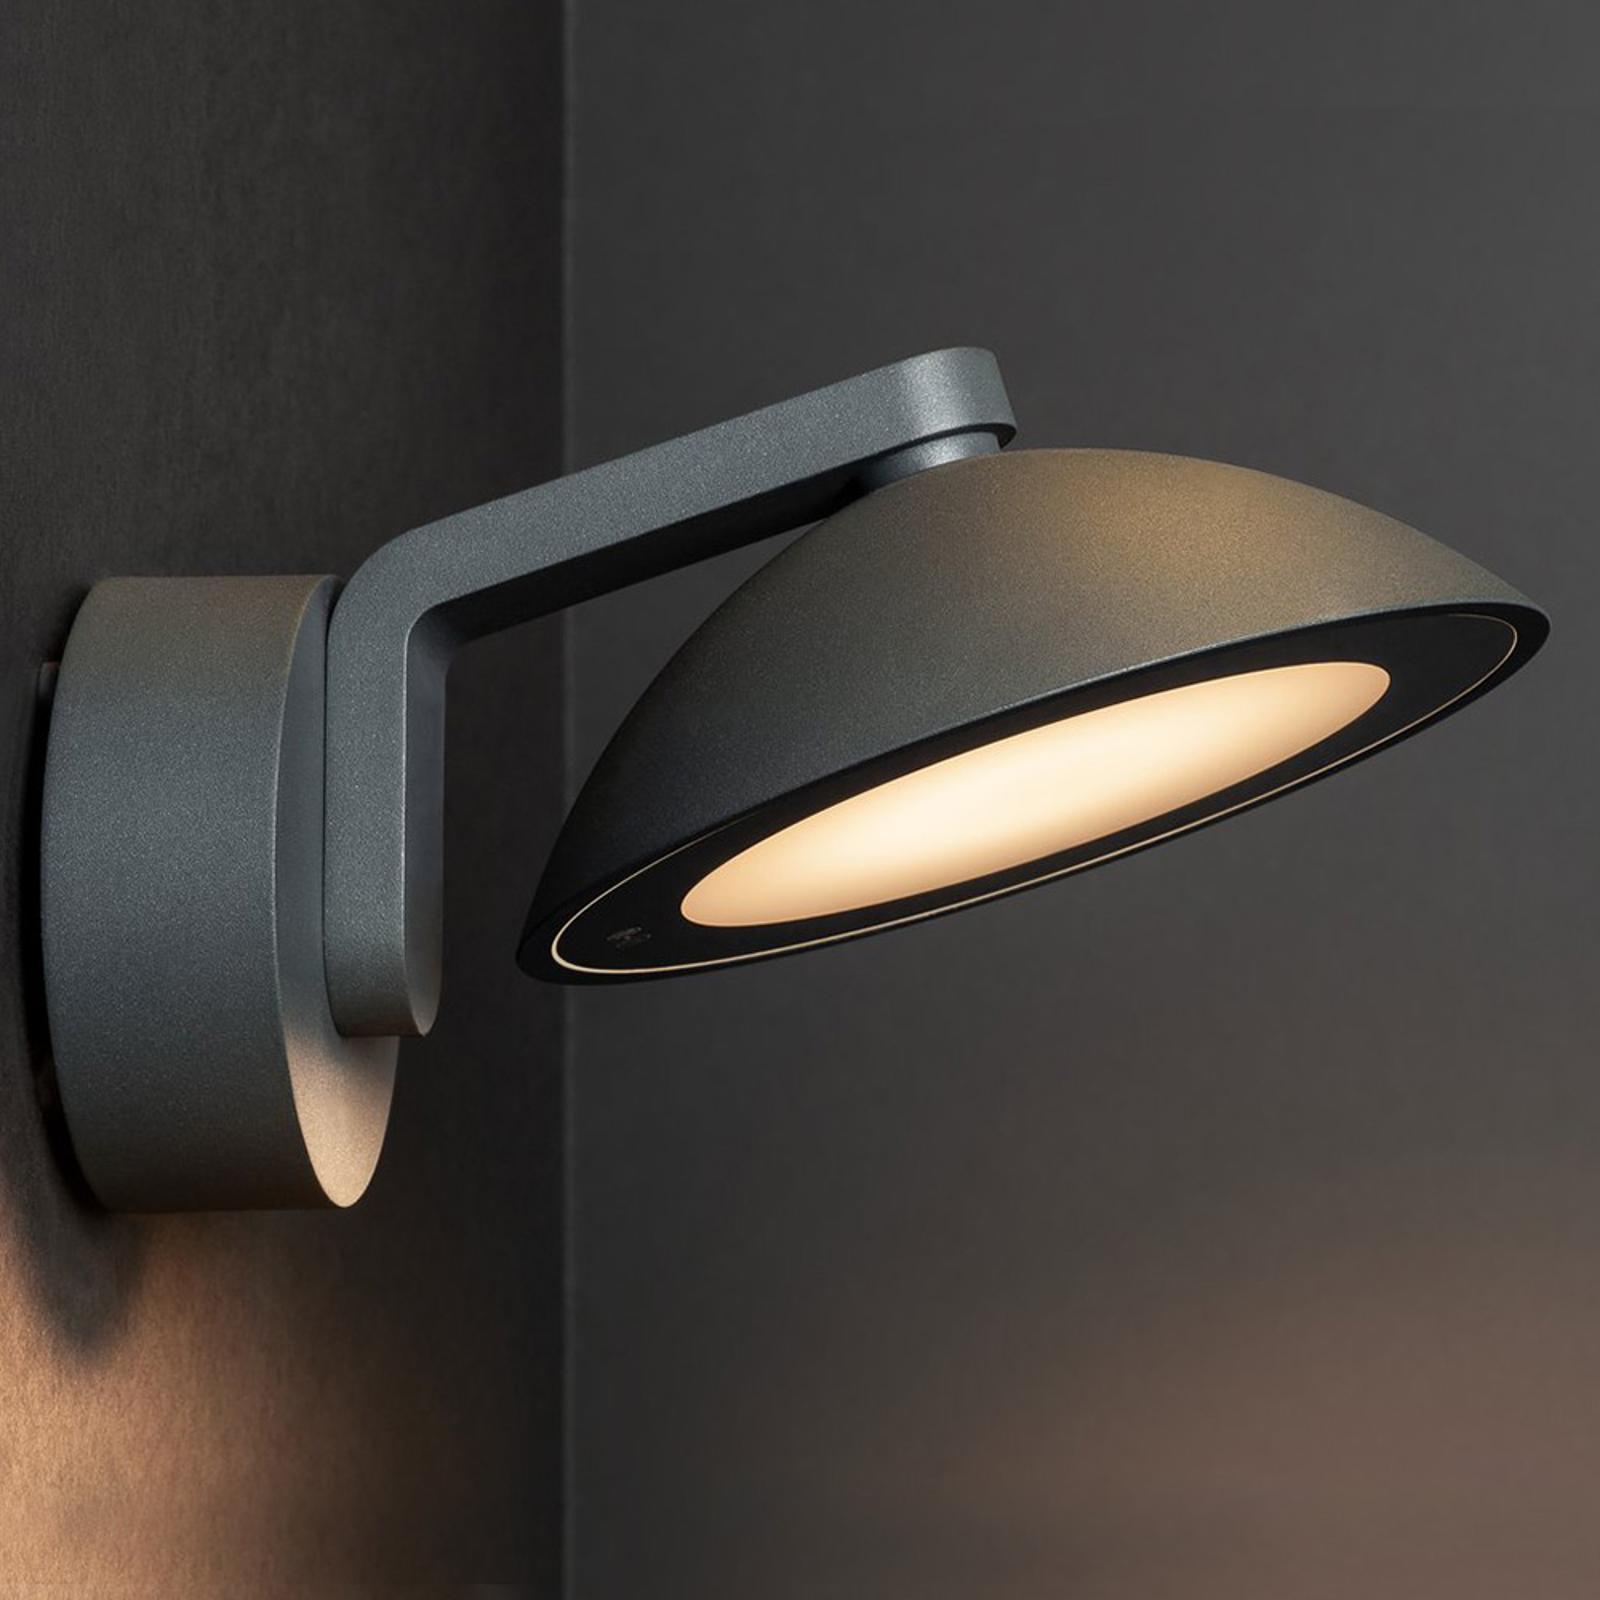 SLV Malu applique d'extérieur LED, ronde